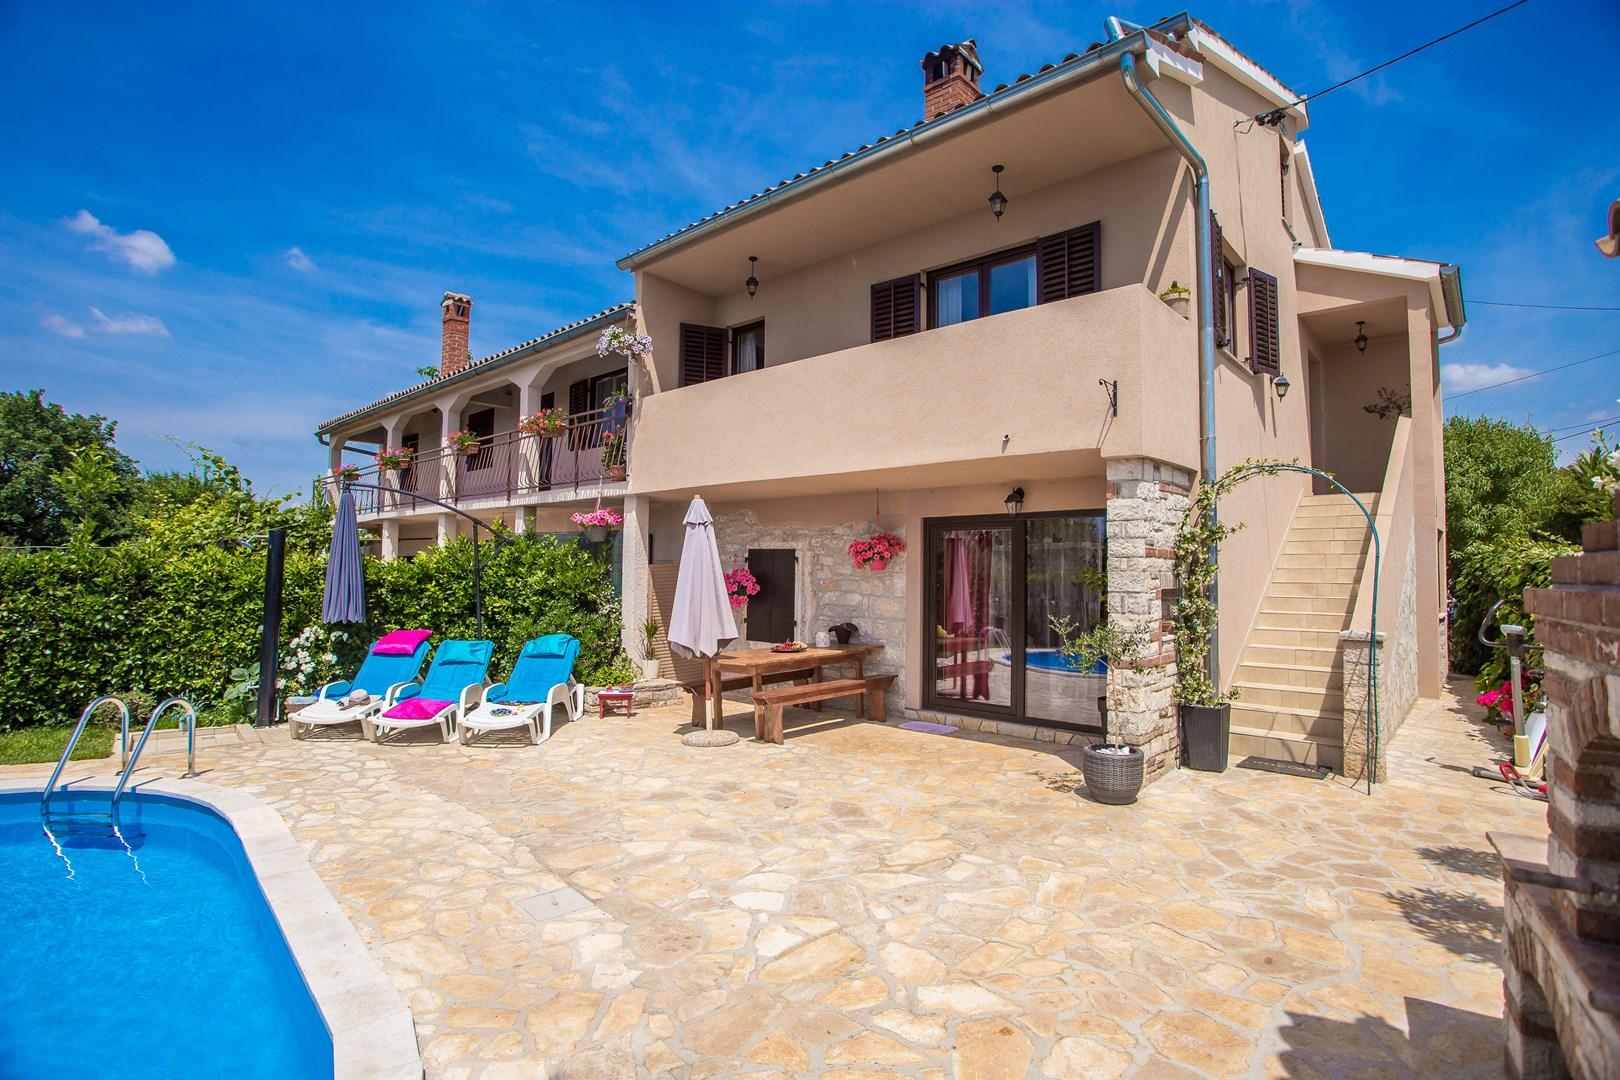 Ferienhaus Marinela mit privatem Pool (1412599), Kanfanar, , Istrien, Kroatien, Bild 16